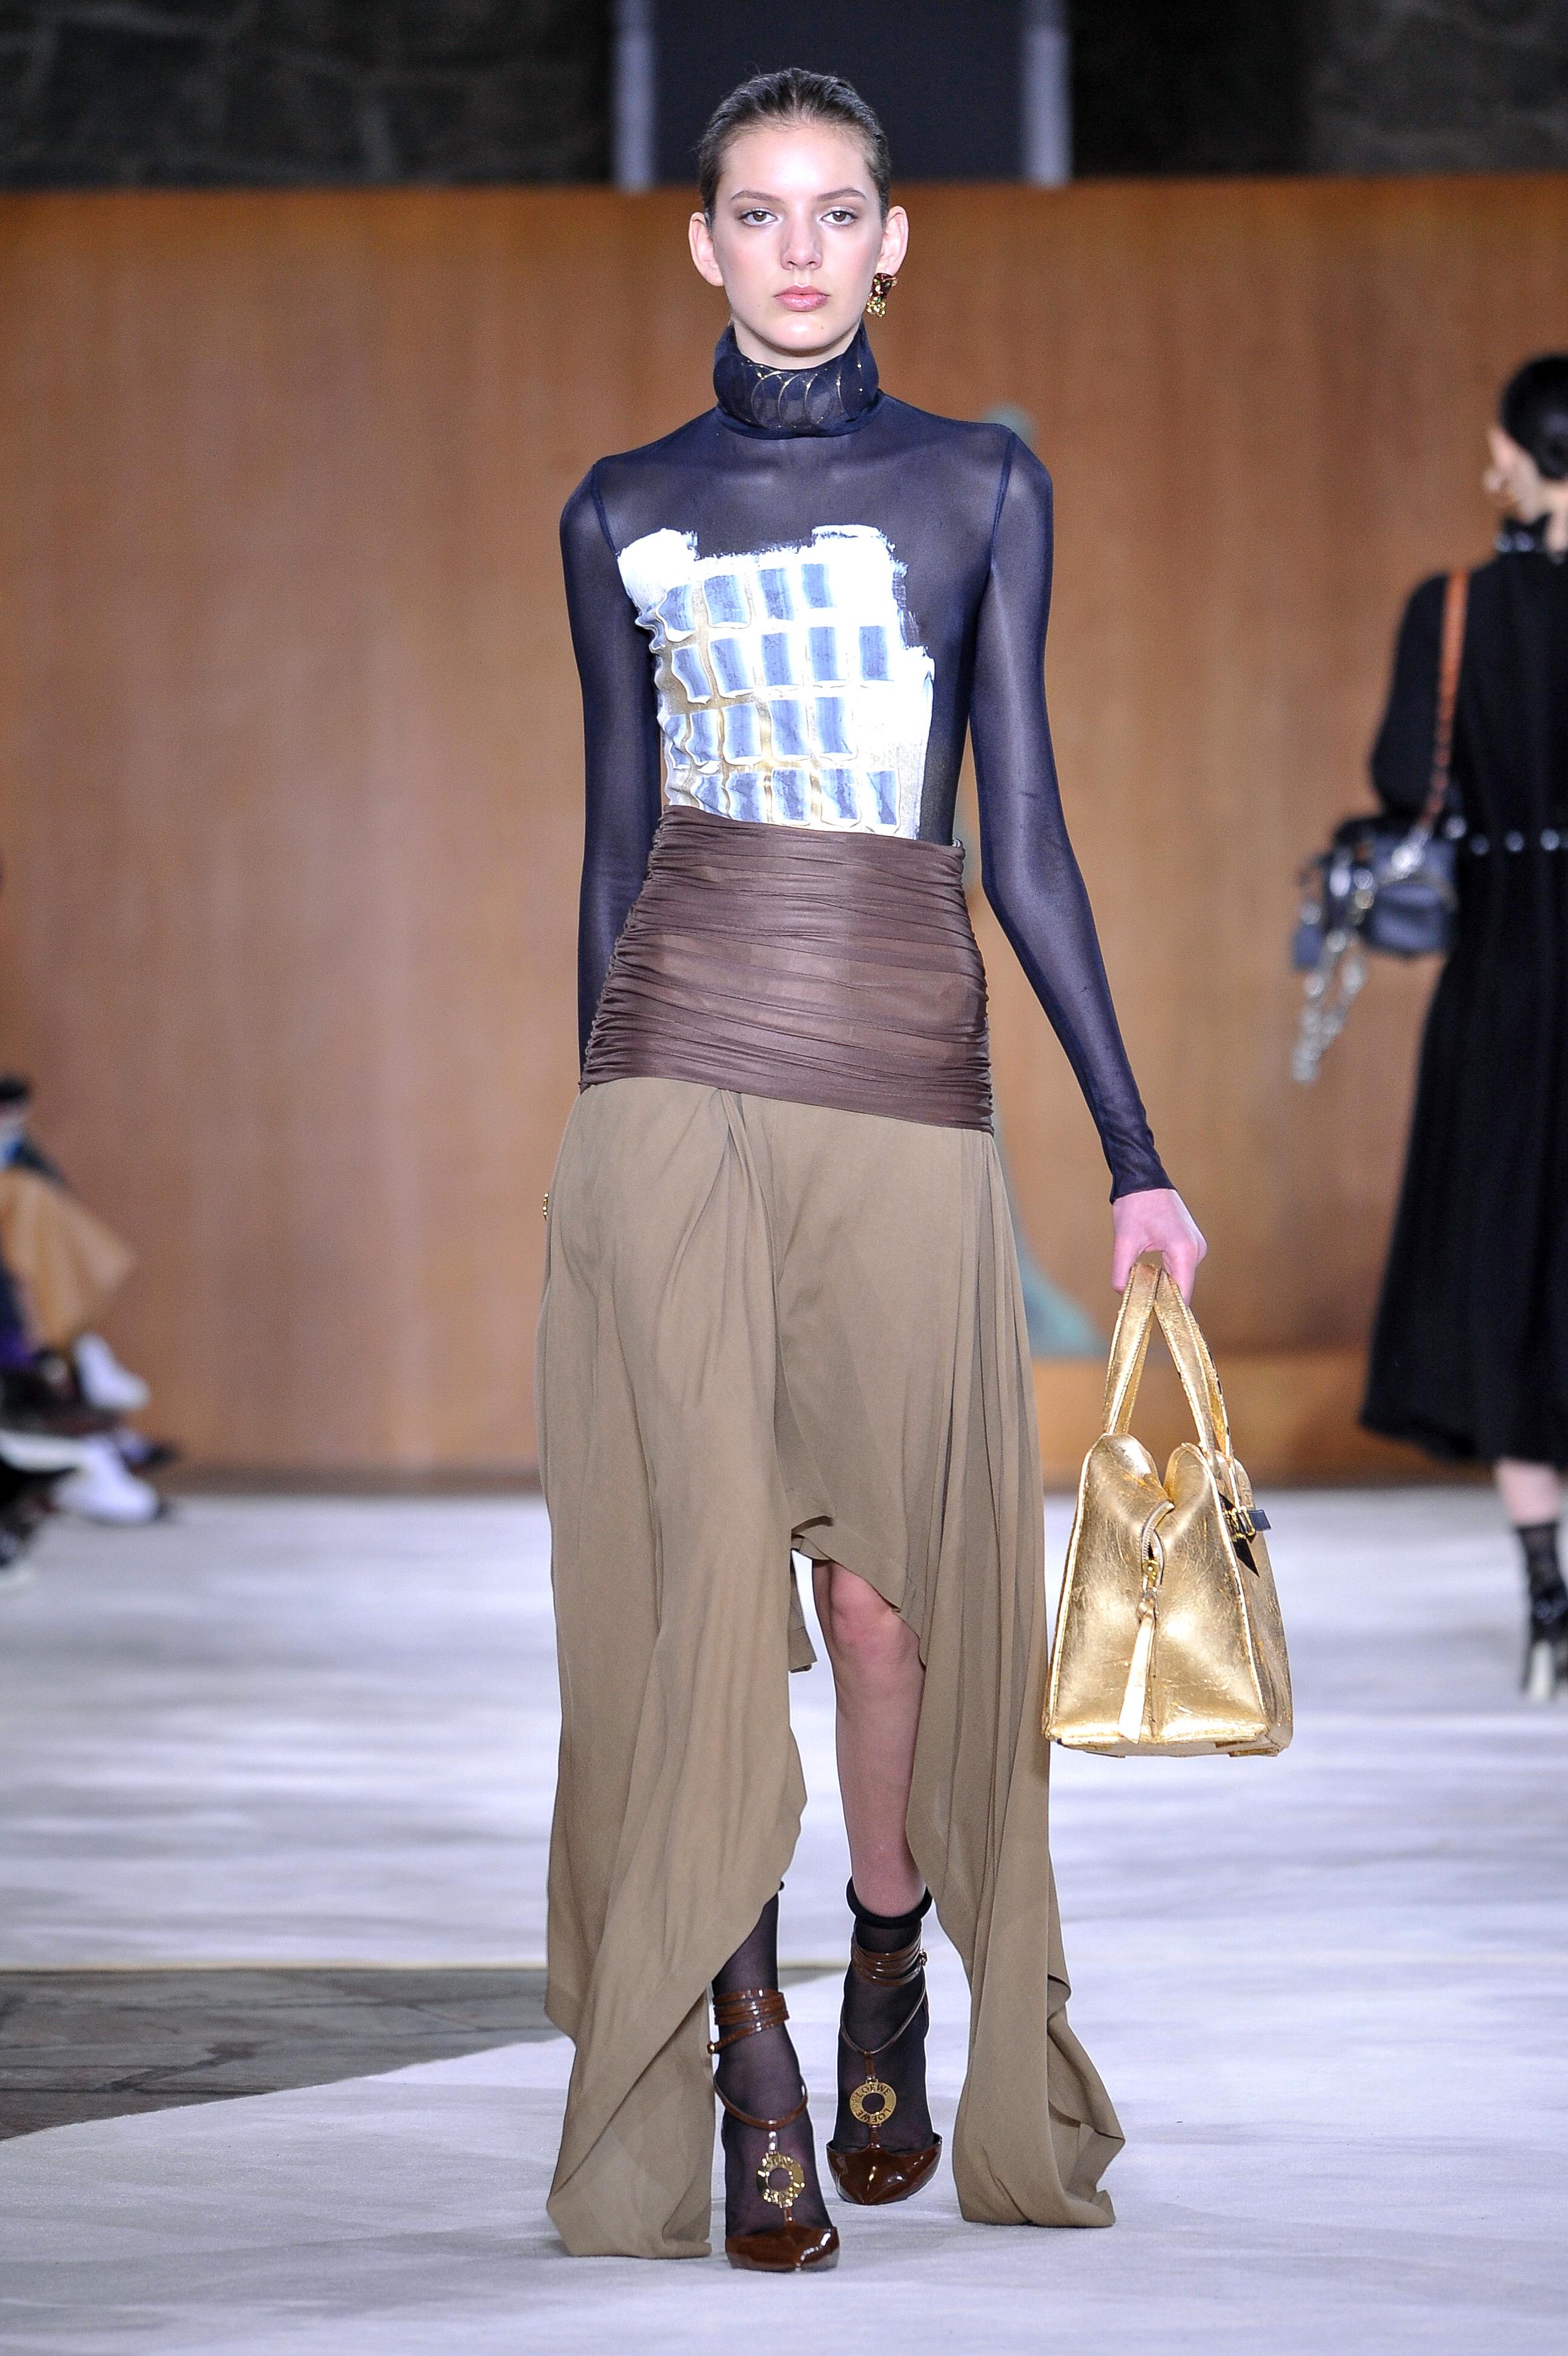 Paris Fashion Week Fall: Goldene Hingucker-Handtasche auf dem Catwalk von Loewe (ddp images)